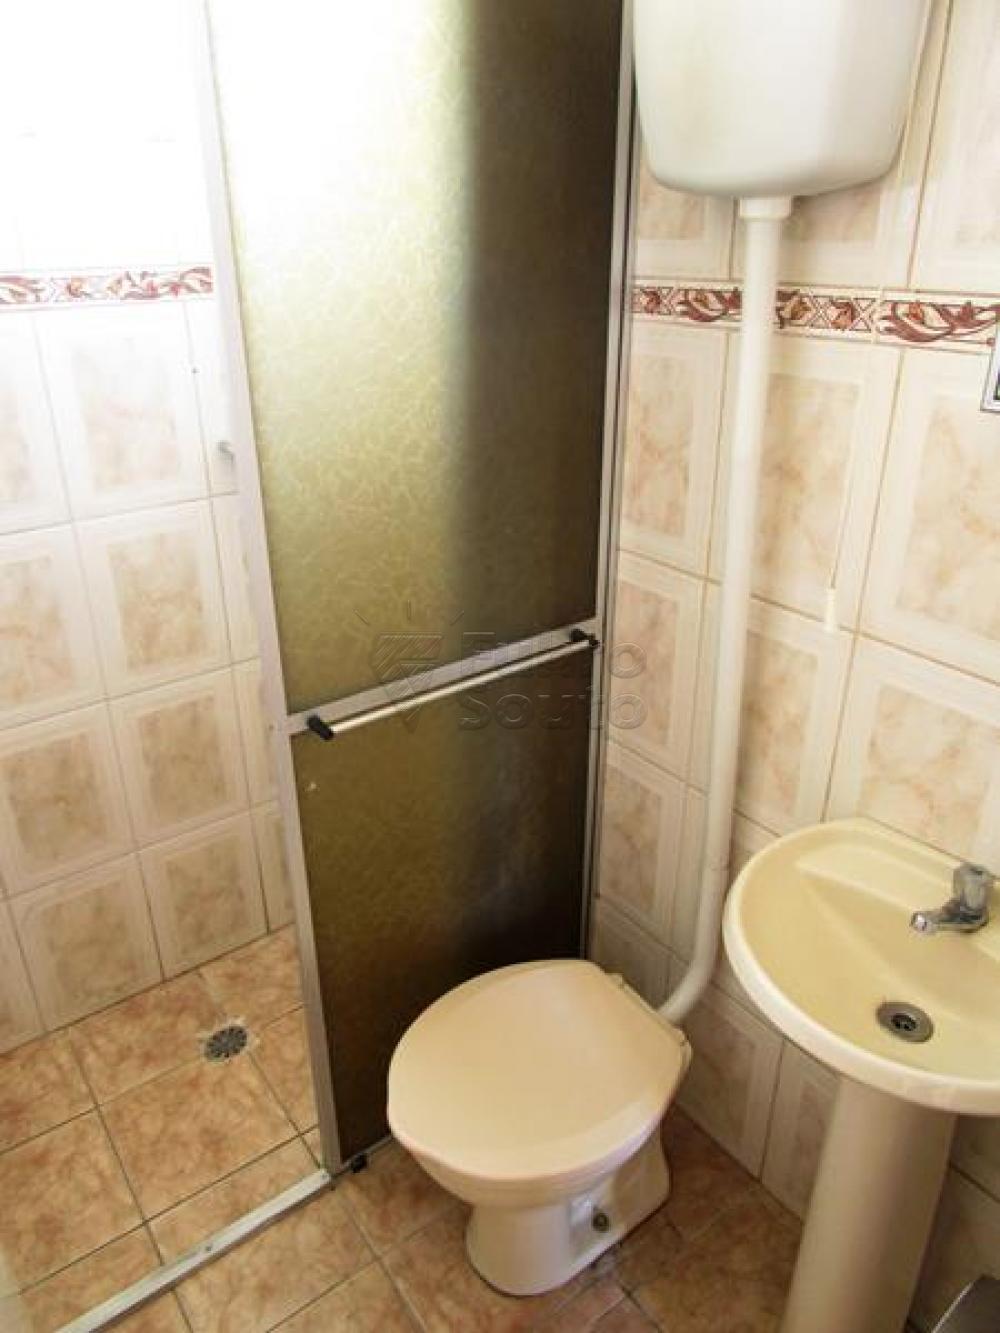 Alugar Apartamento / Fora de Condomínio em Pelotas R$ 650,00 - Foto 6